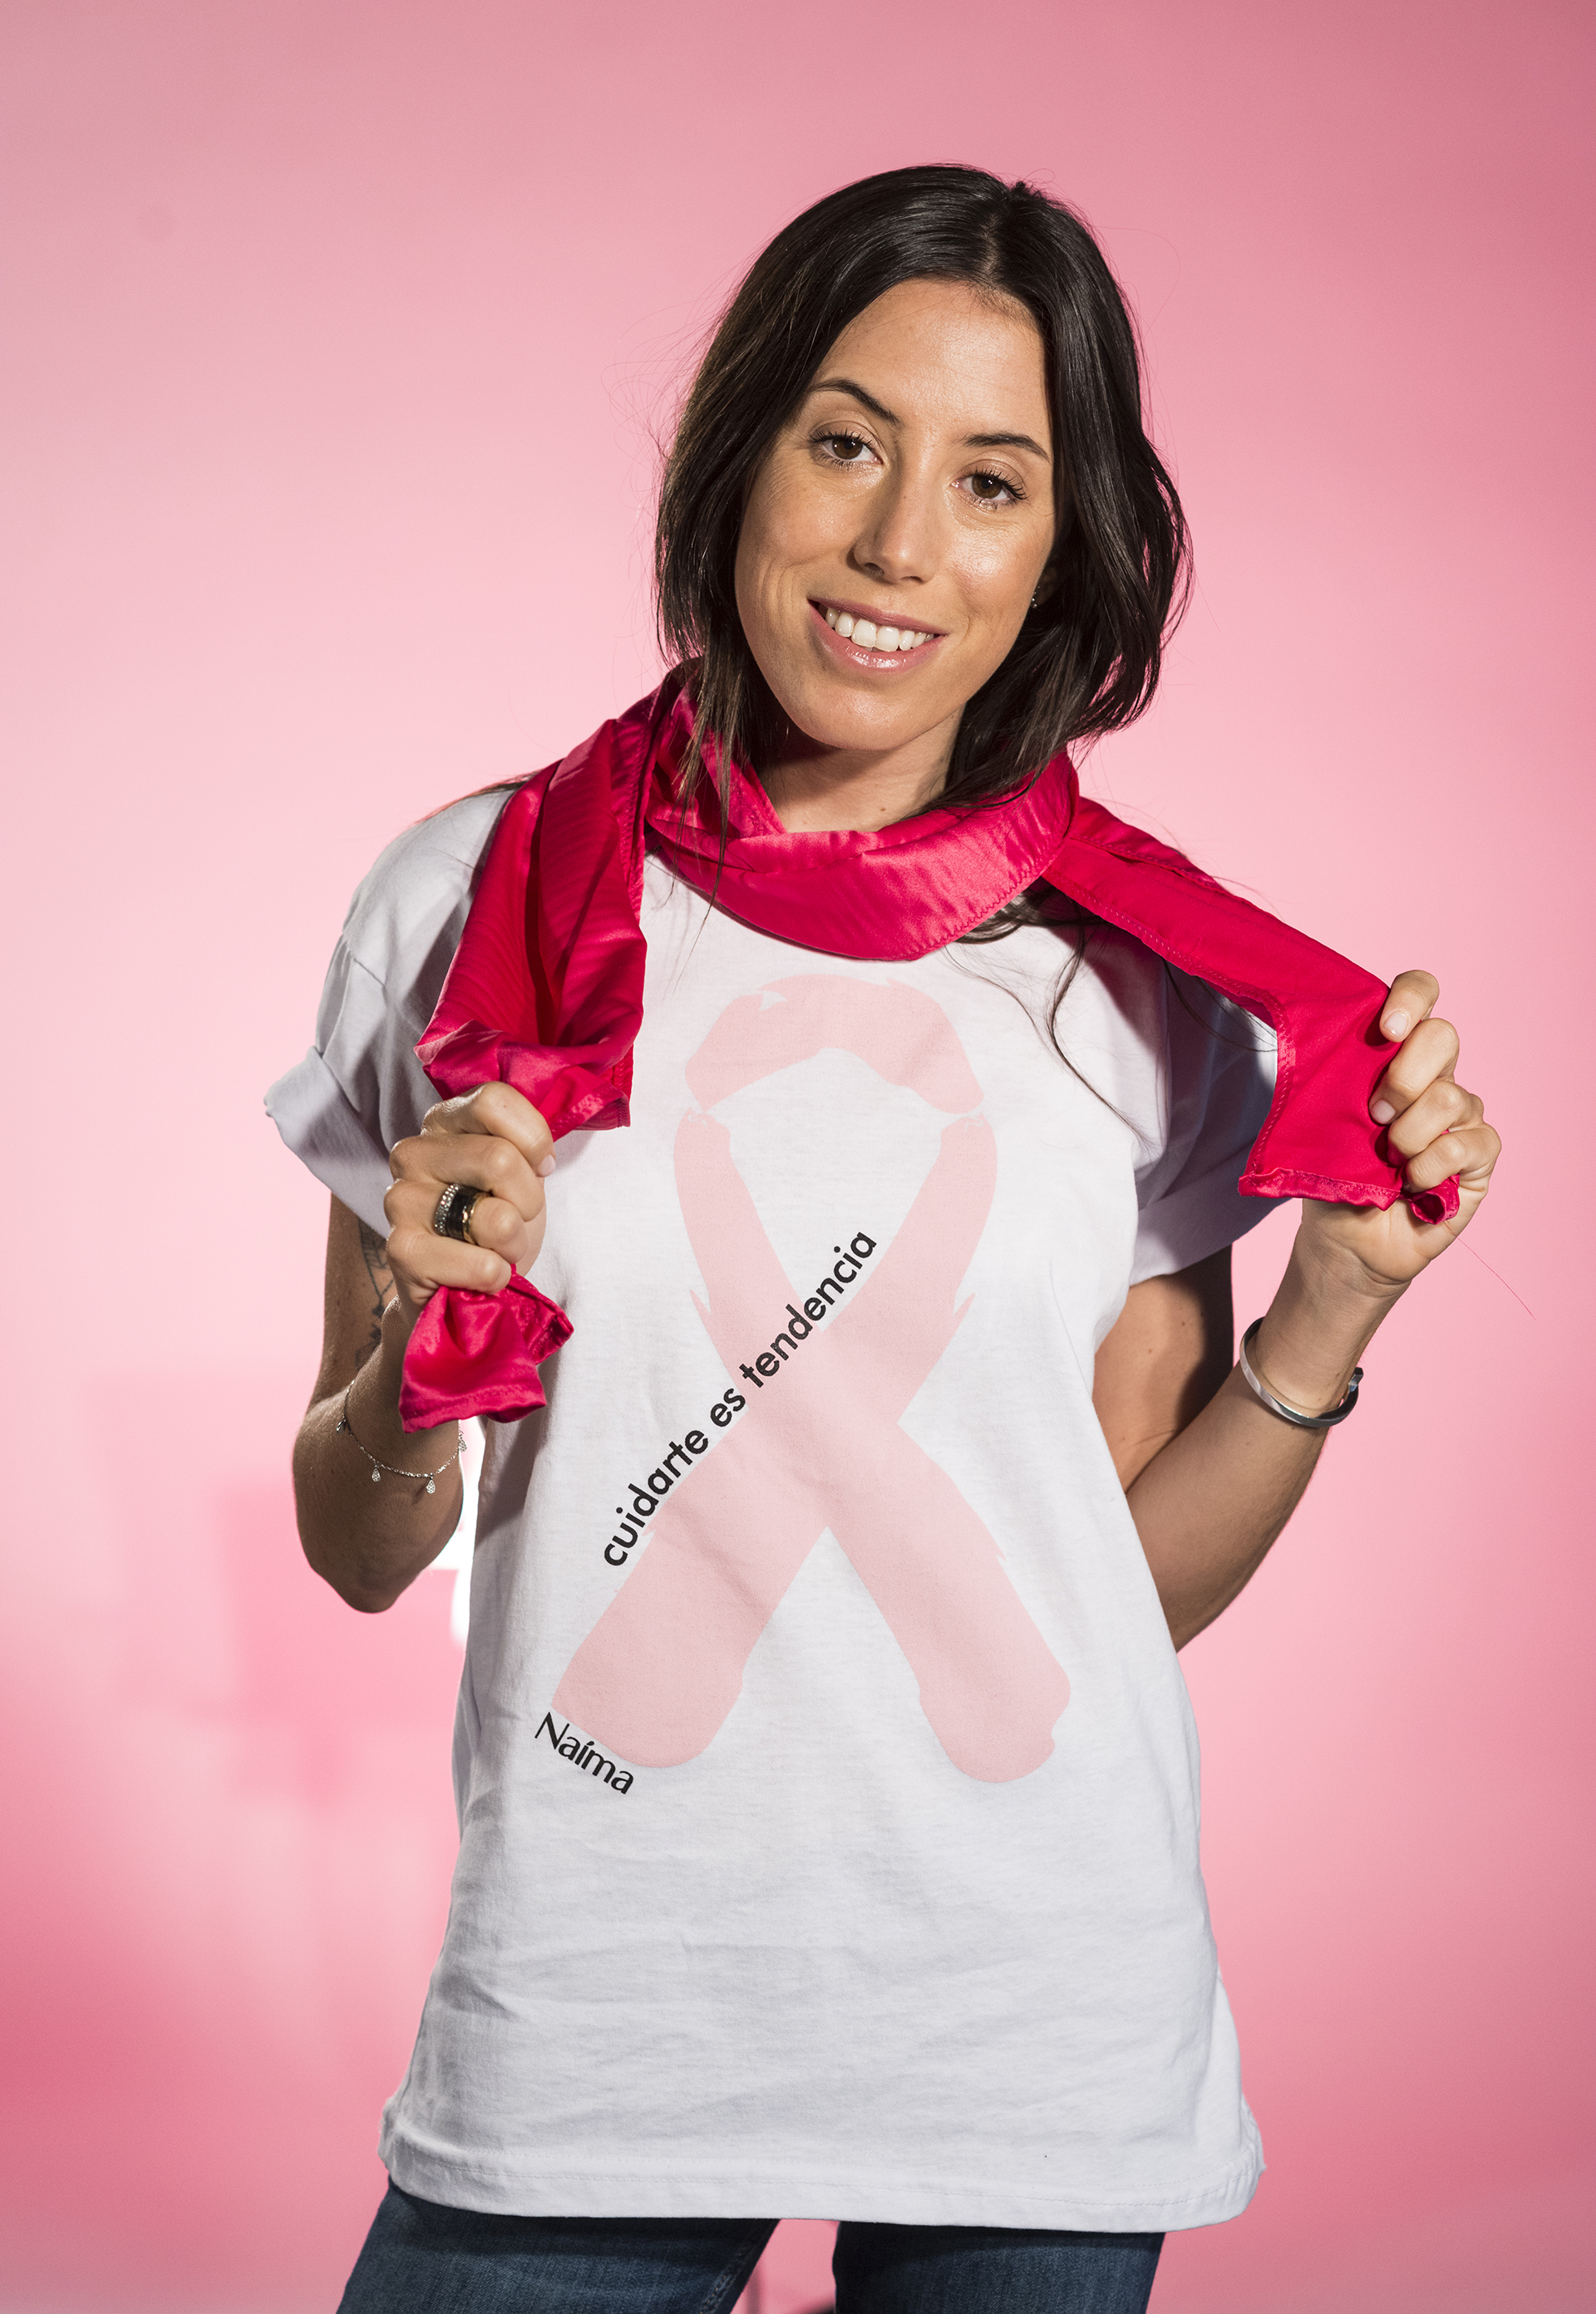 La joven diseñadora Sofía brindó su apoyo en el mes rosa y resaltó el cuidado diario pero desde un hábito saludable no obsesivo